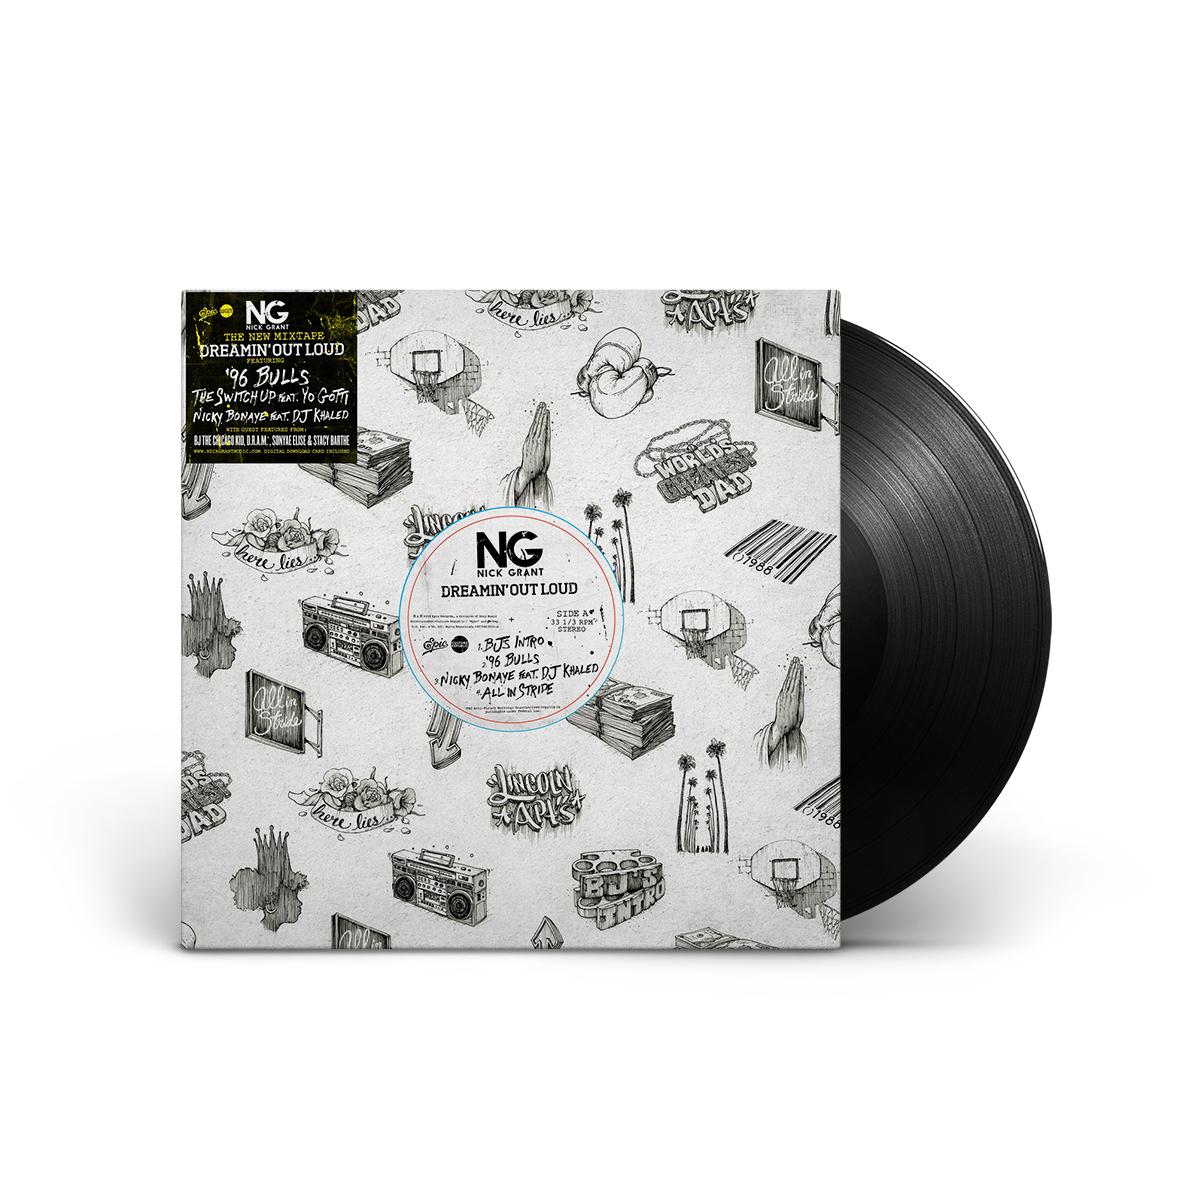 Dreamin' Out Loud AUTOGRAPHED 2-LP